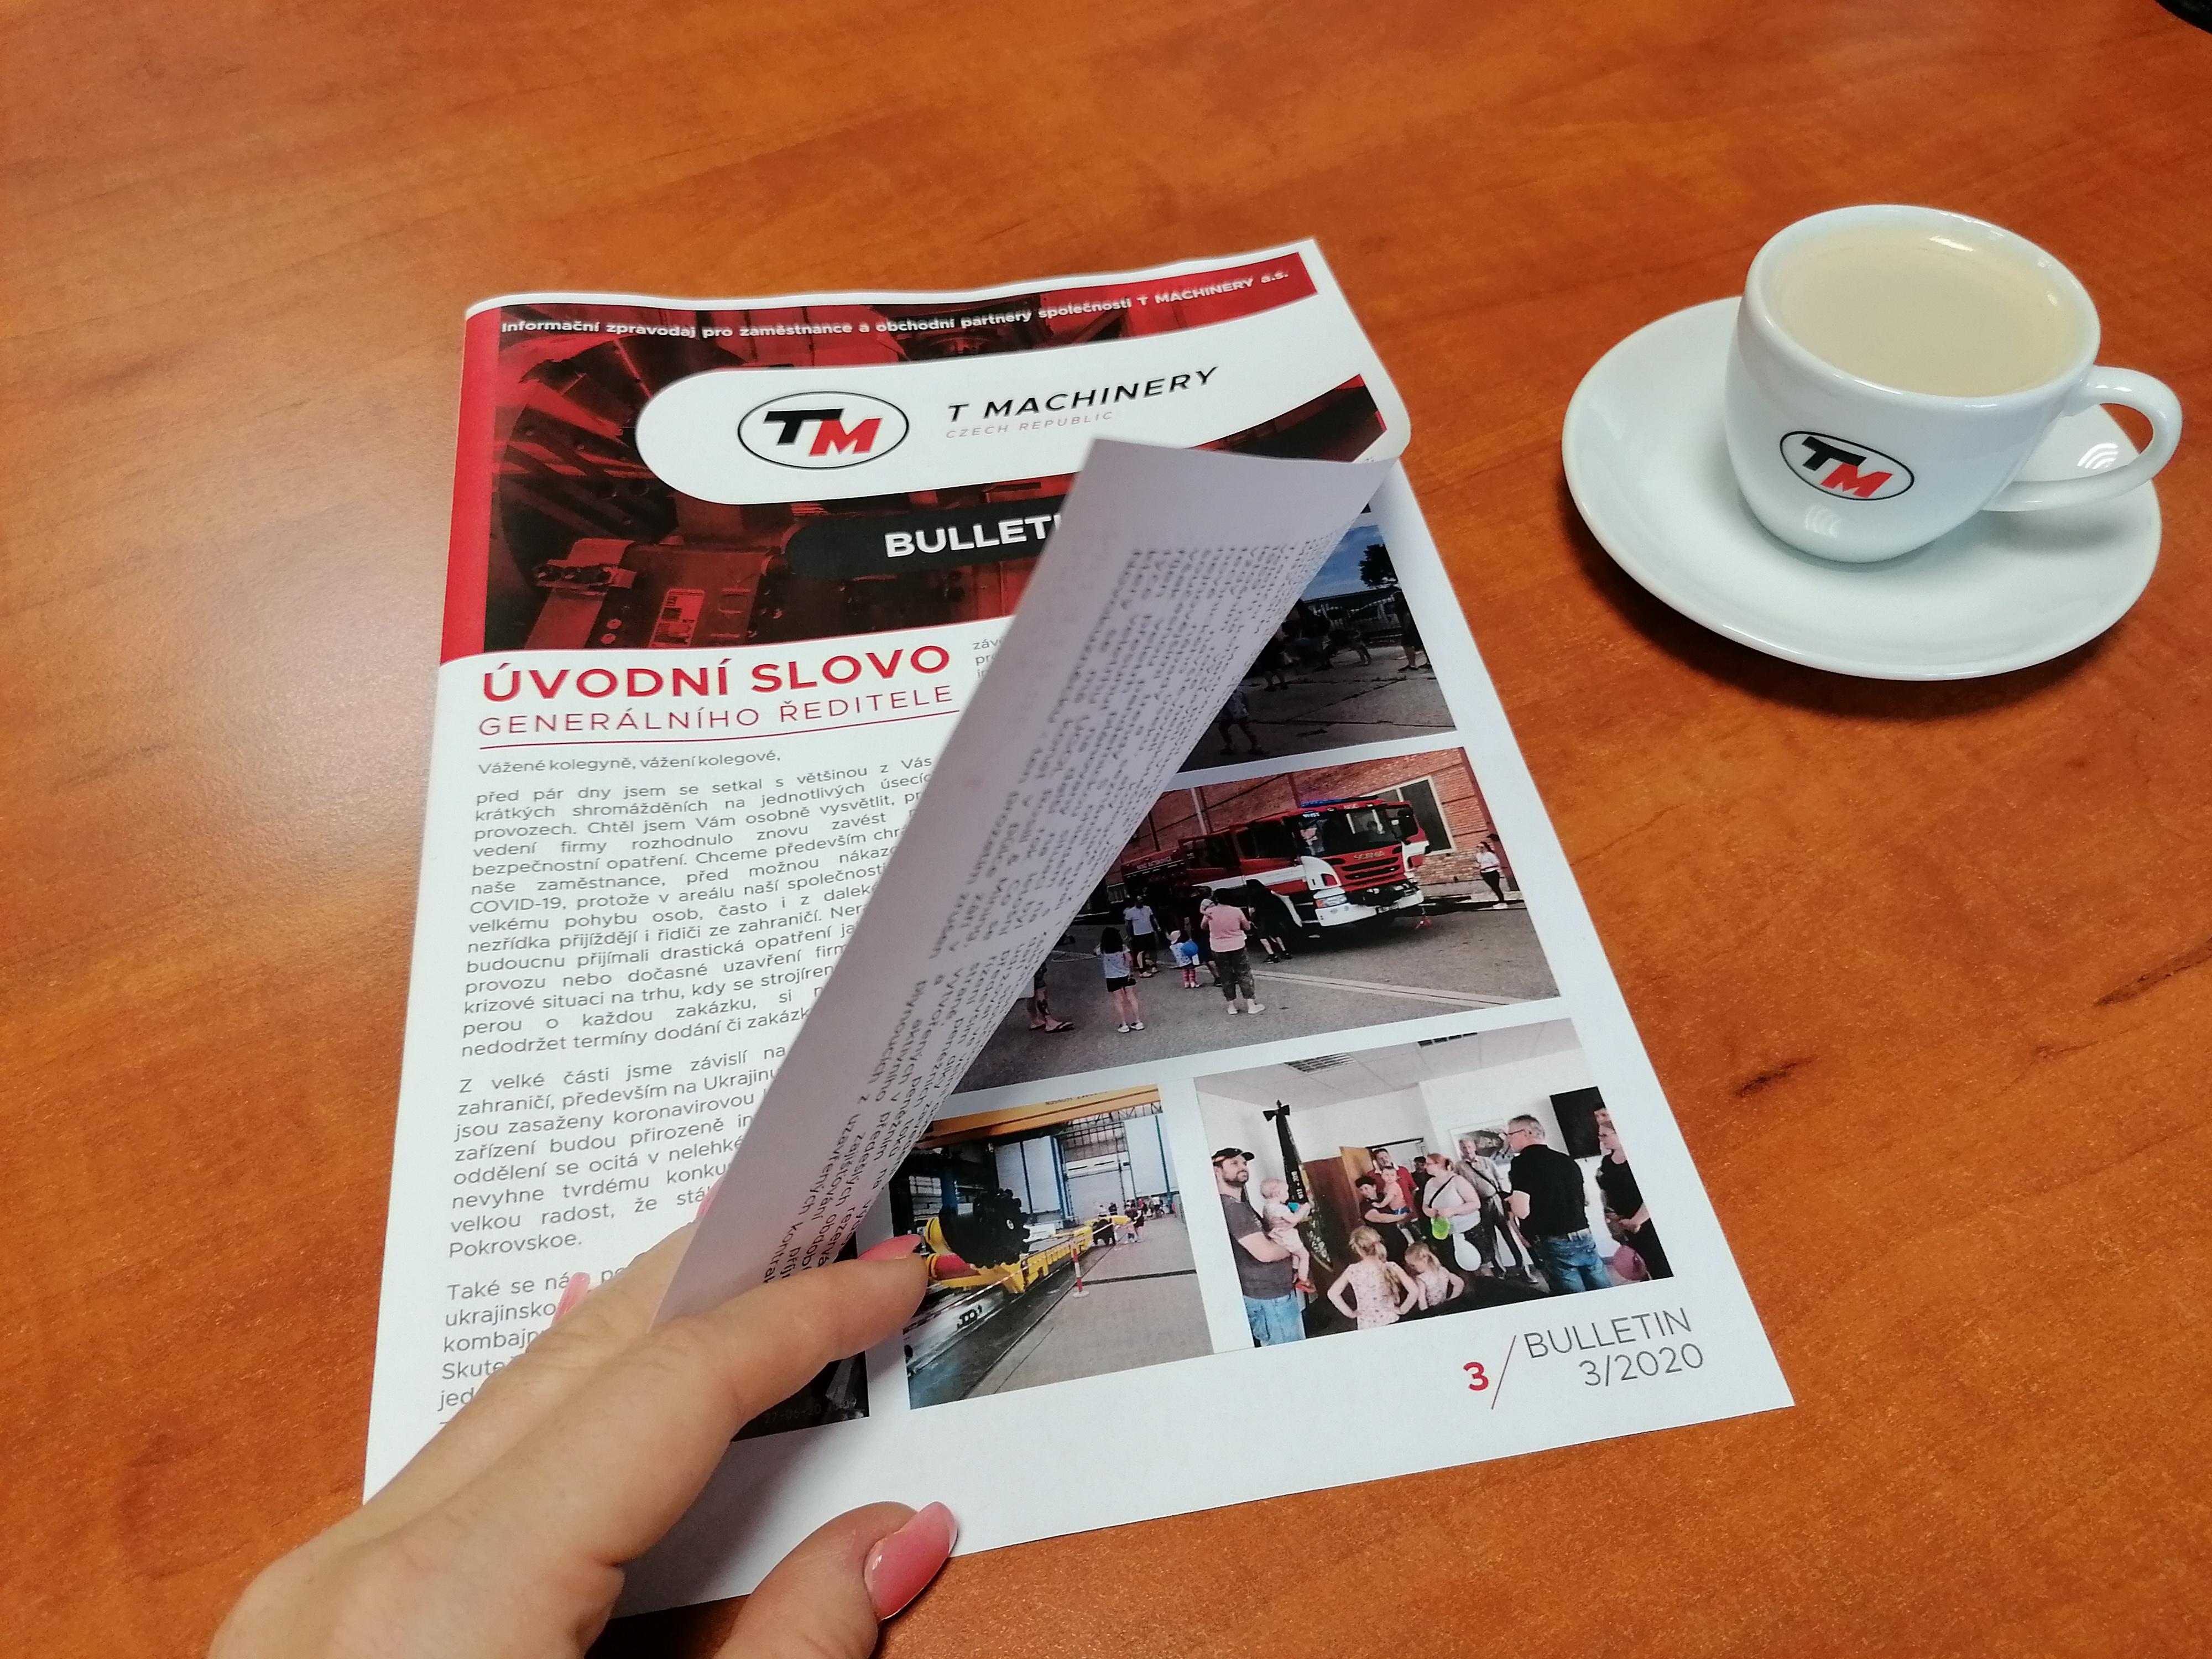 Bulletin 03/2020